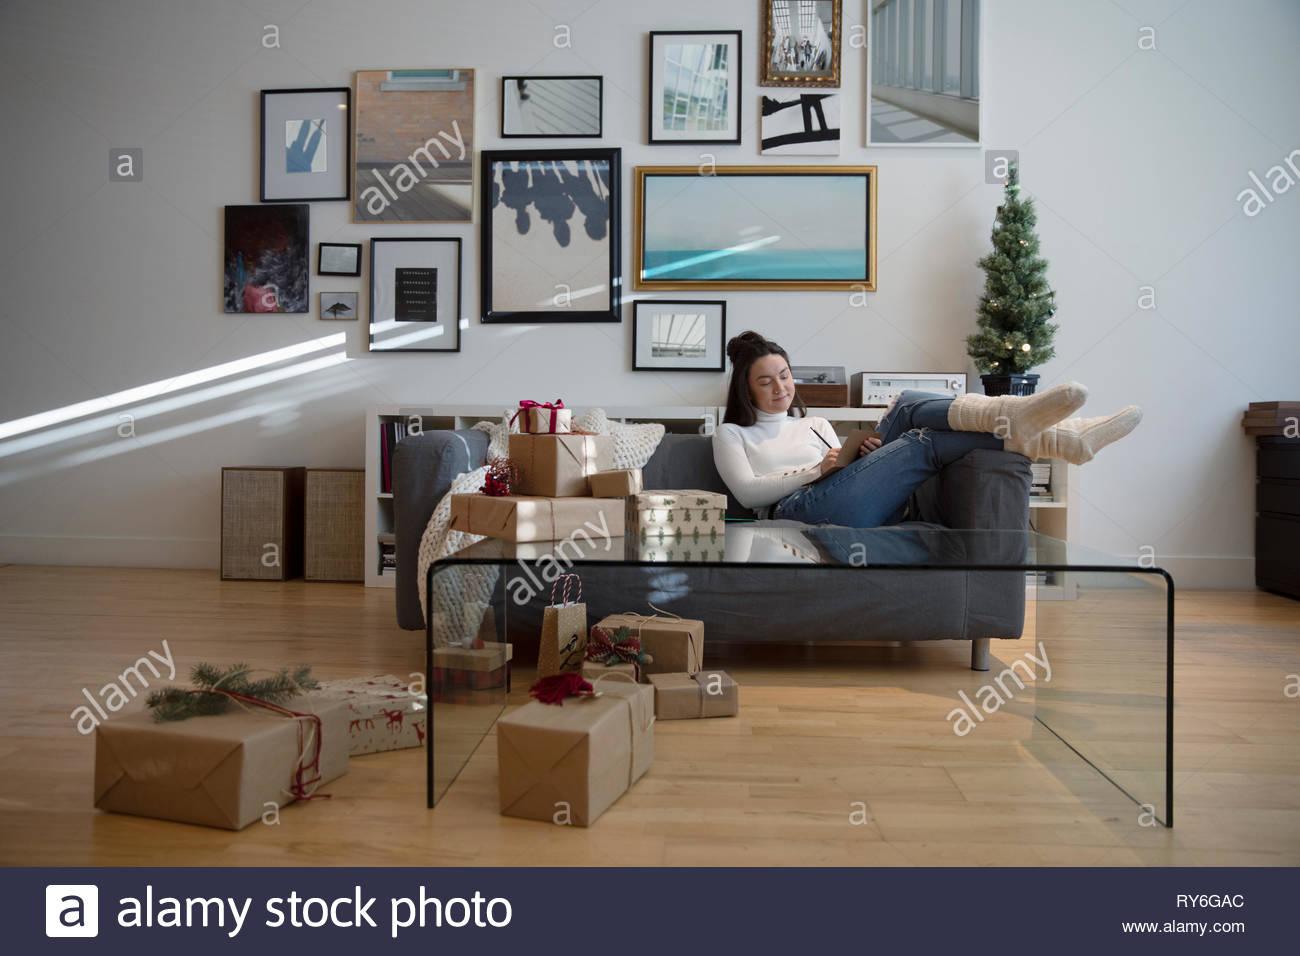 Gemütliche junge Frau Verpackung Weihnachtsgeschenke im Wohnzimmer Stockbild